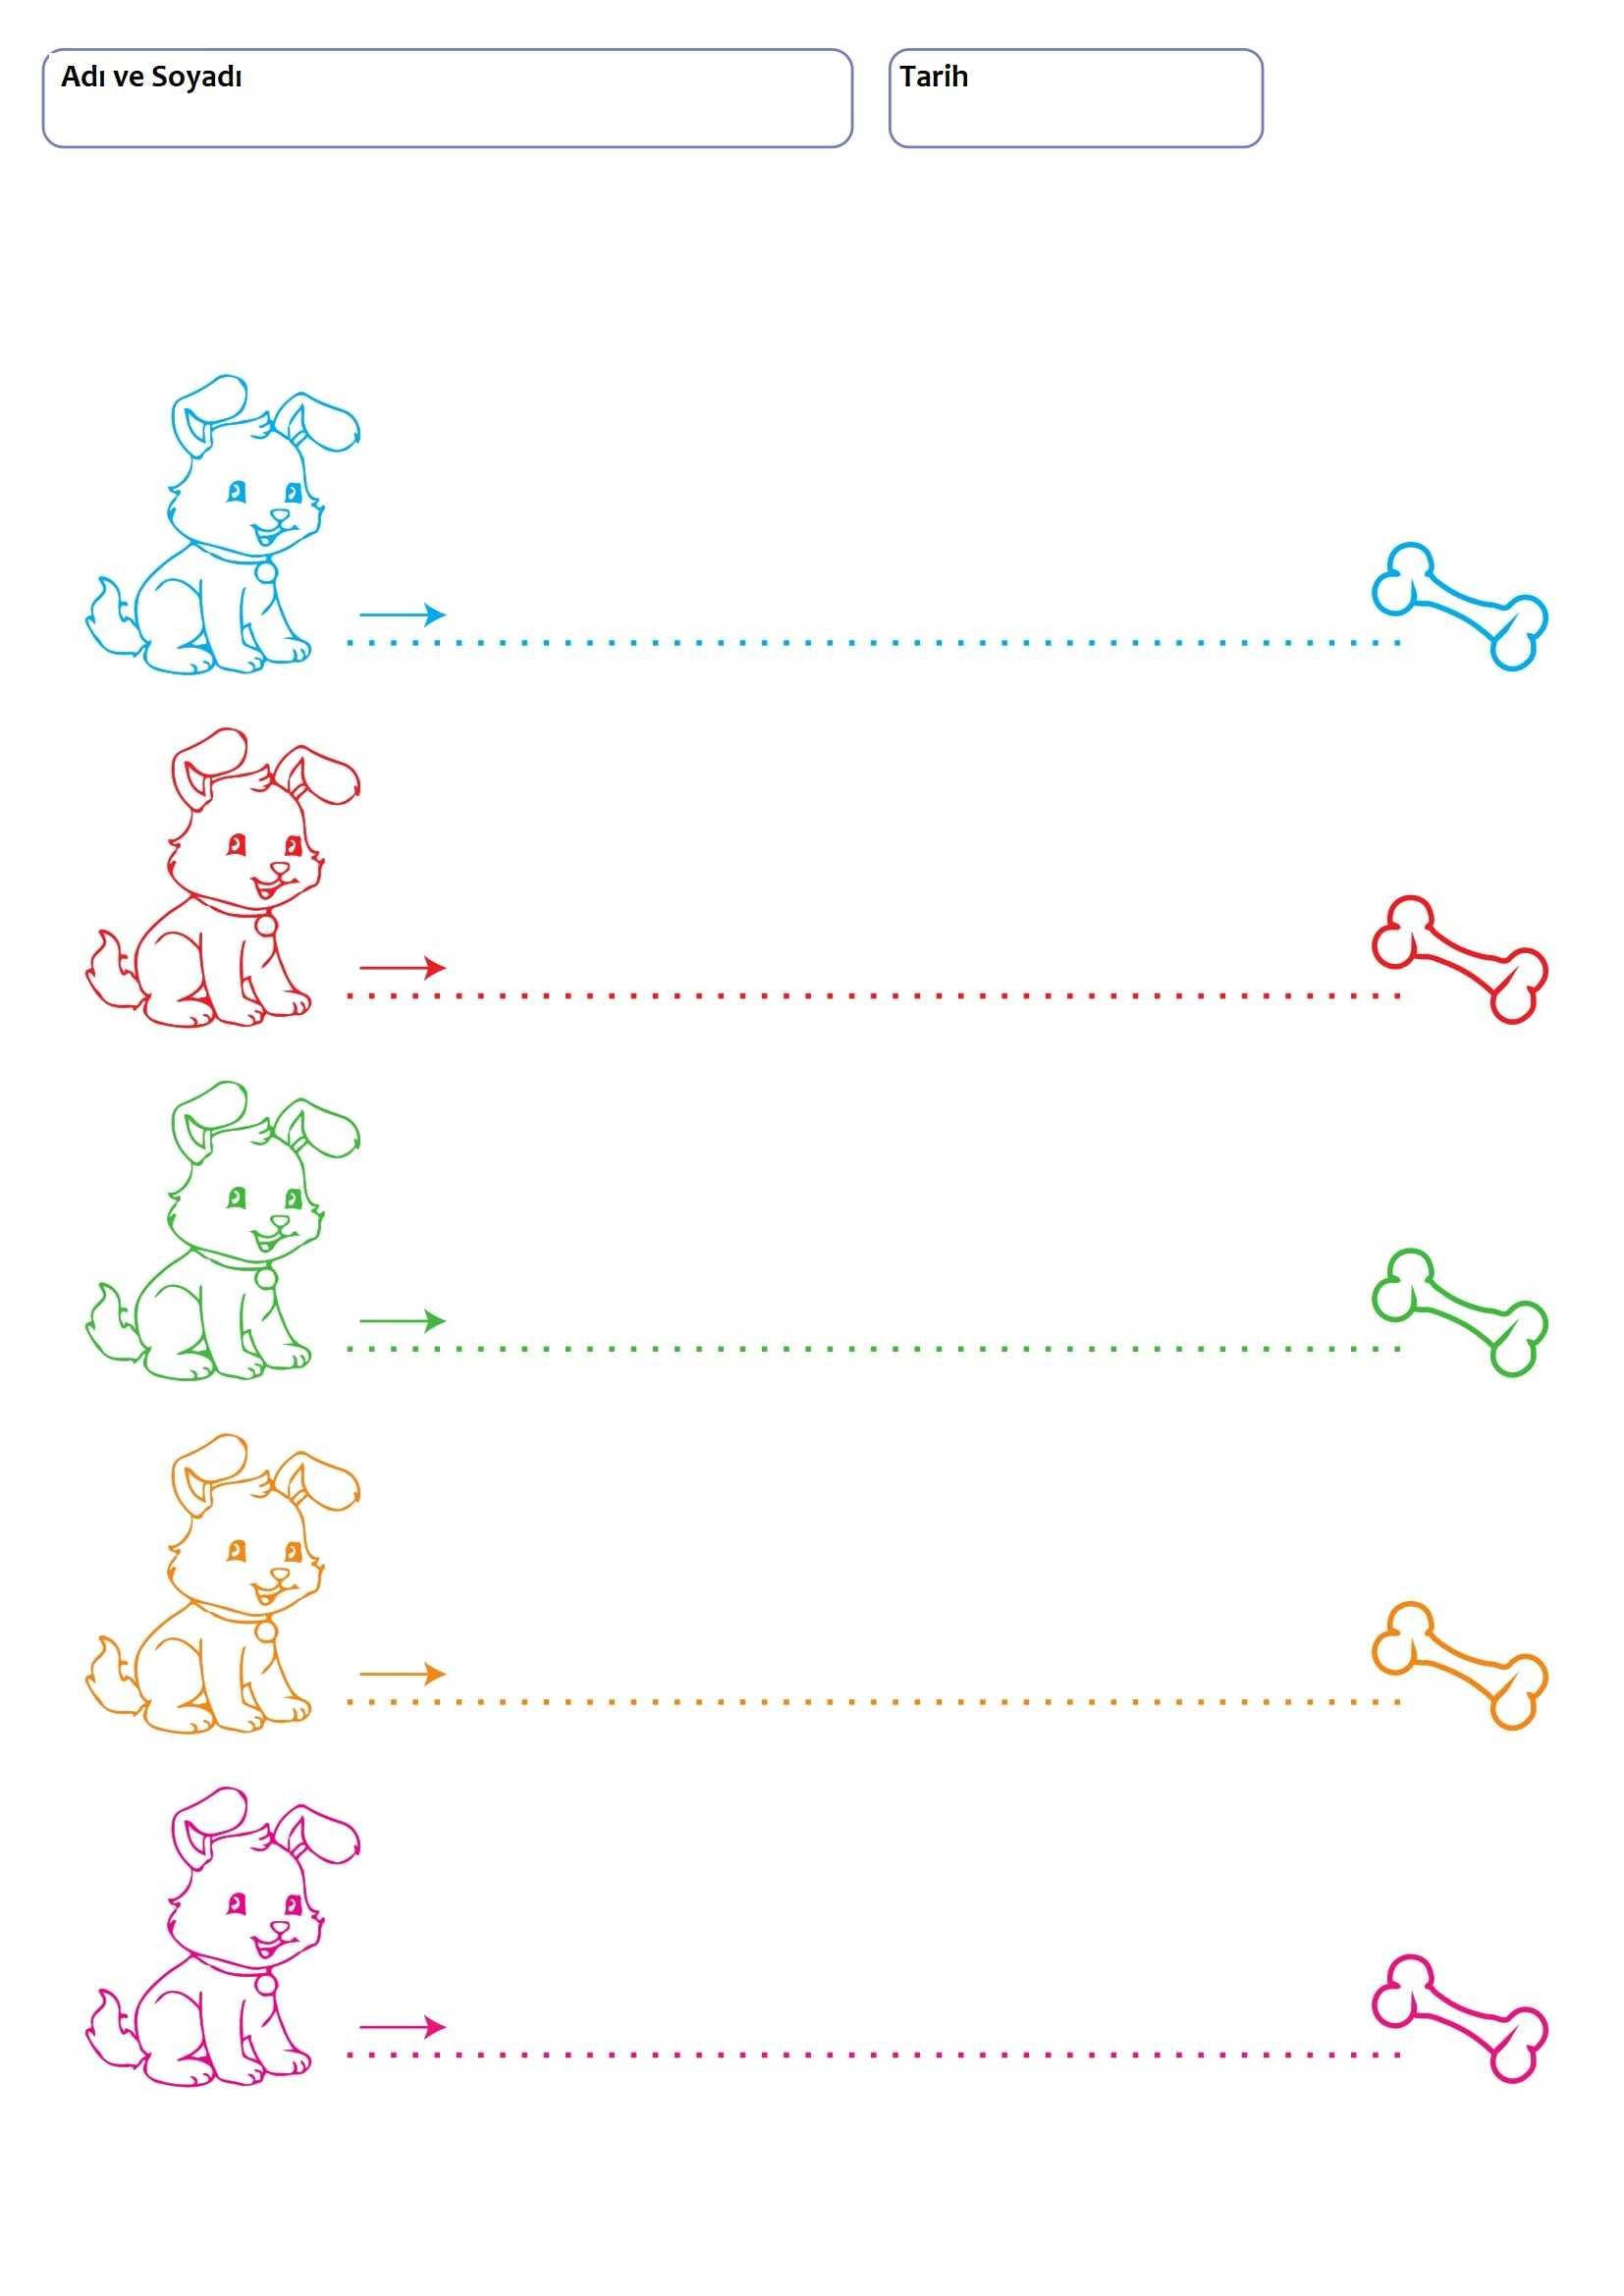 3+ Yaş Çocuklar İçin Çizgi Çalışma Sayfaları